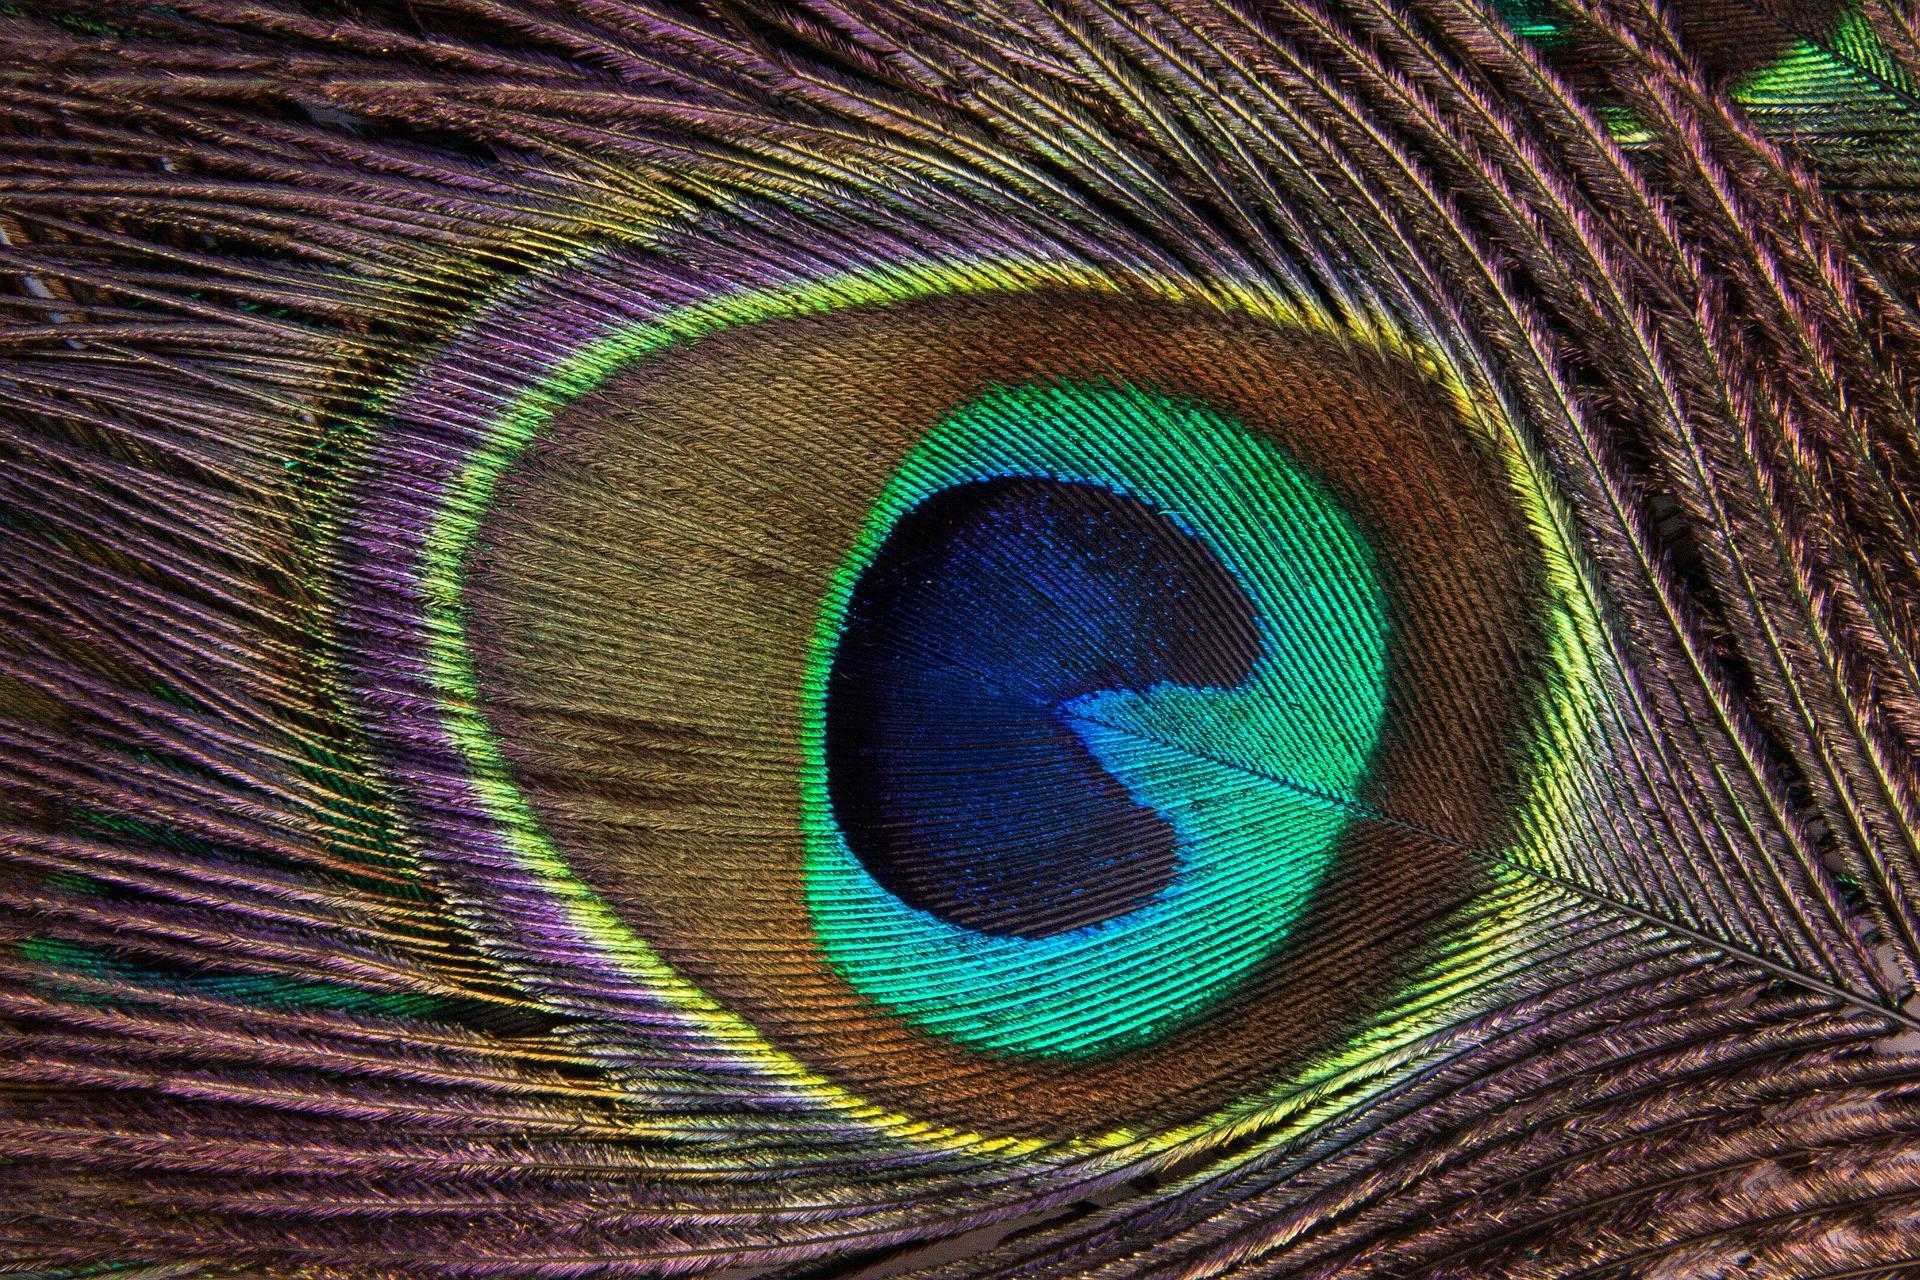 peacock feather 186339 1920 - Le Mauvais Oeil